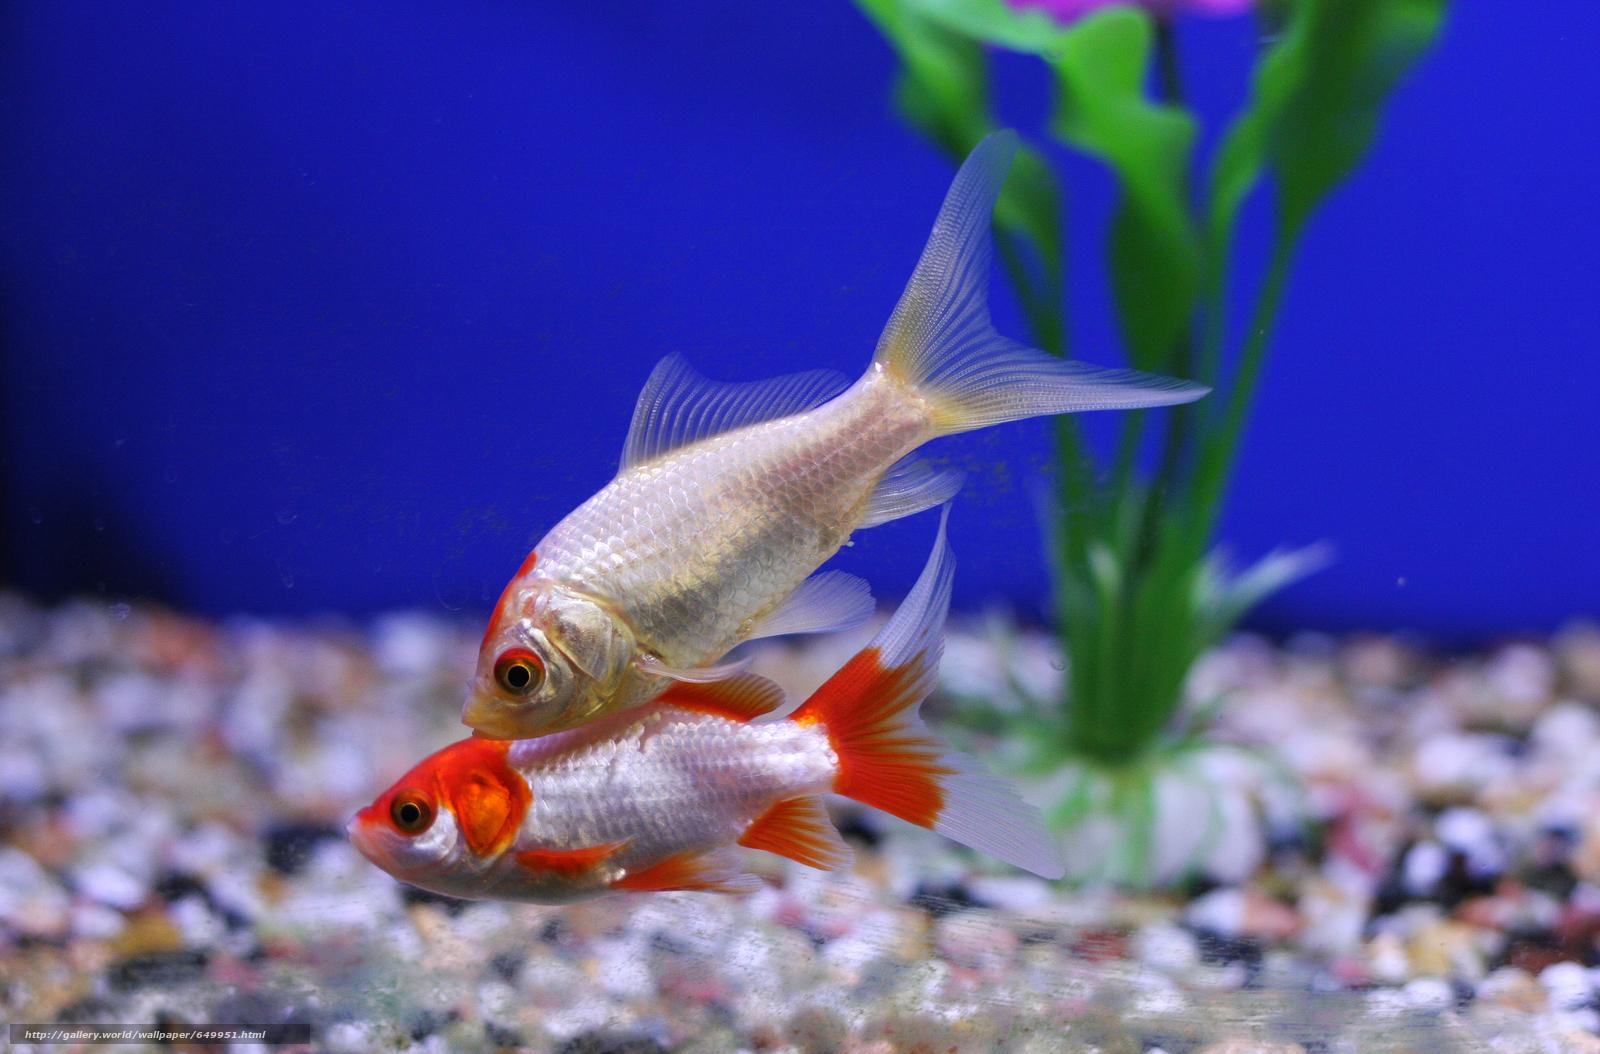 壁紙をダウンロード 水族館,  魚,  植物 デスクトップの解像度のための無料壁紙 7524x4956 — 絵 №649951